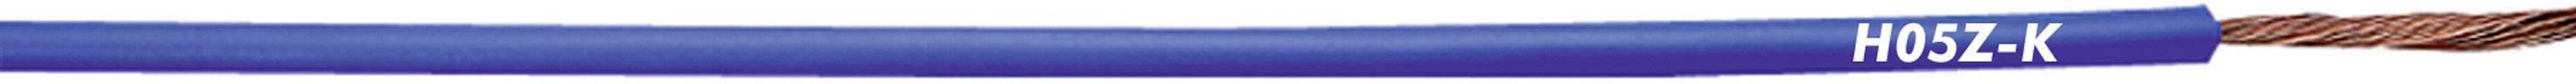 Kabel LappKabel H05Z-K 4725013, 1x 1 mm², Ø 2,50 mm, 1 m, černá